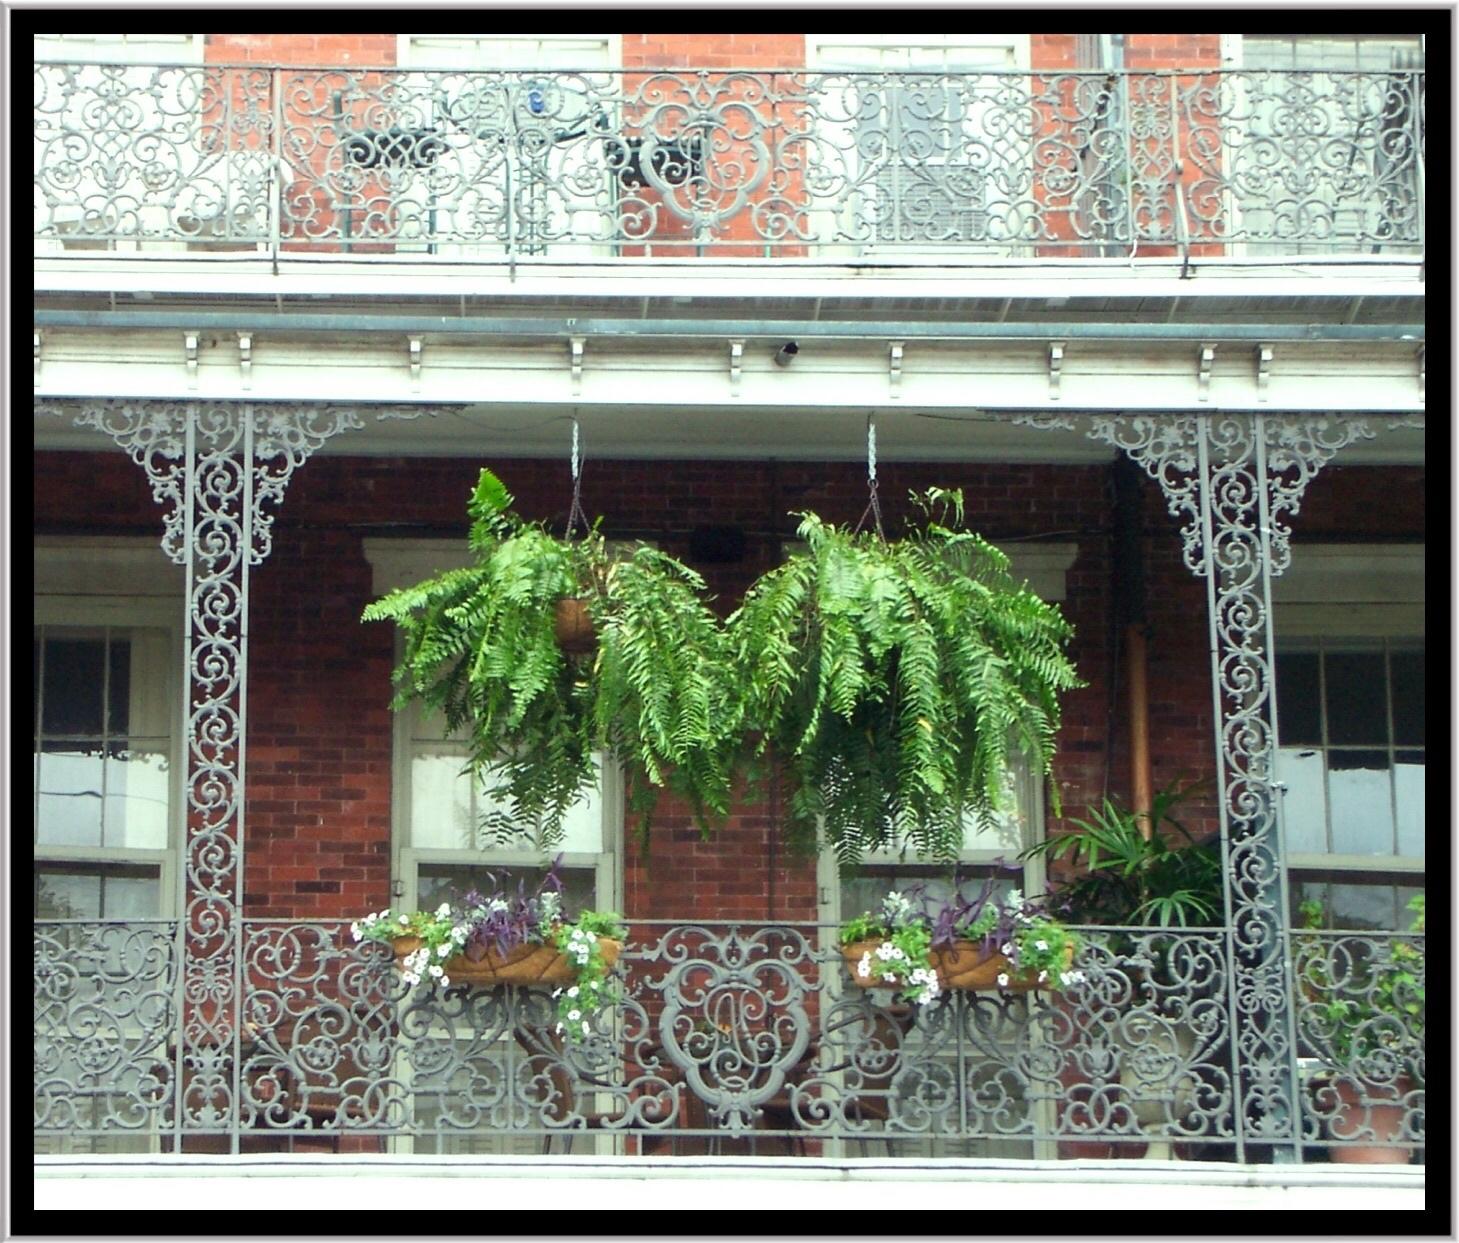 Sfondi finestra architettura costruzione lanciare for Finestra new york